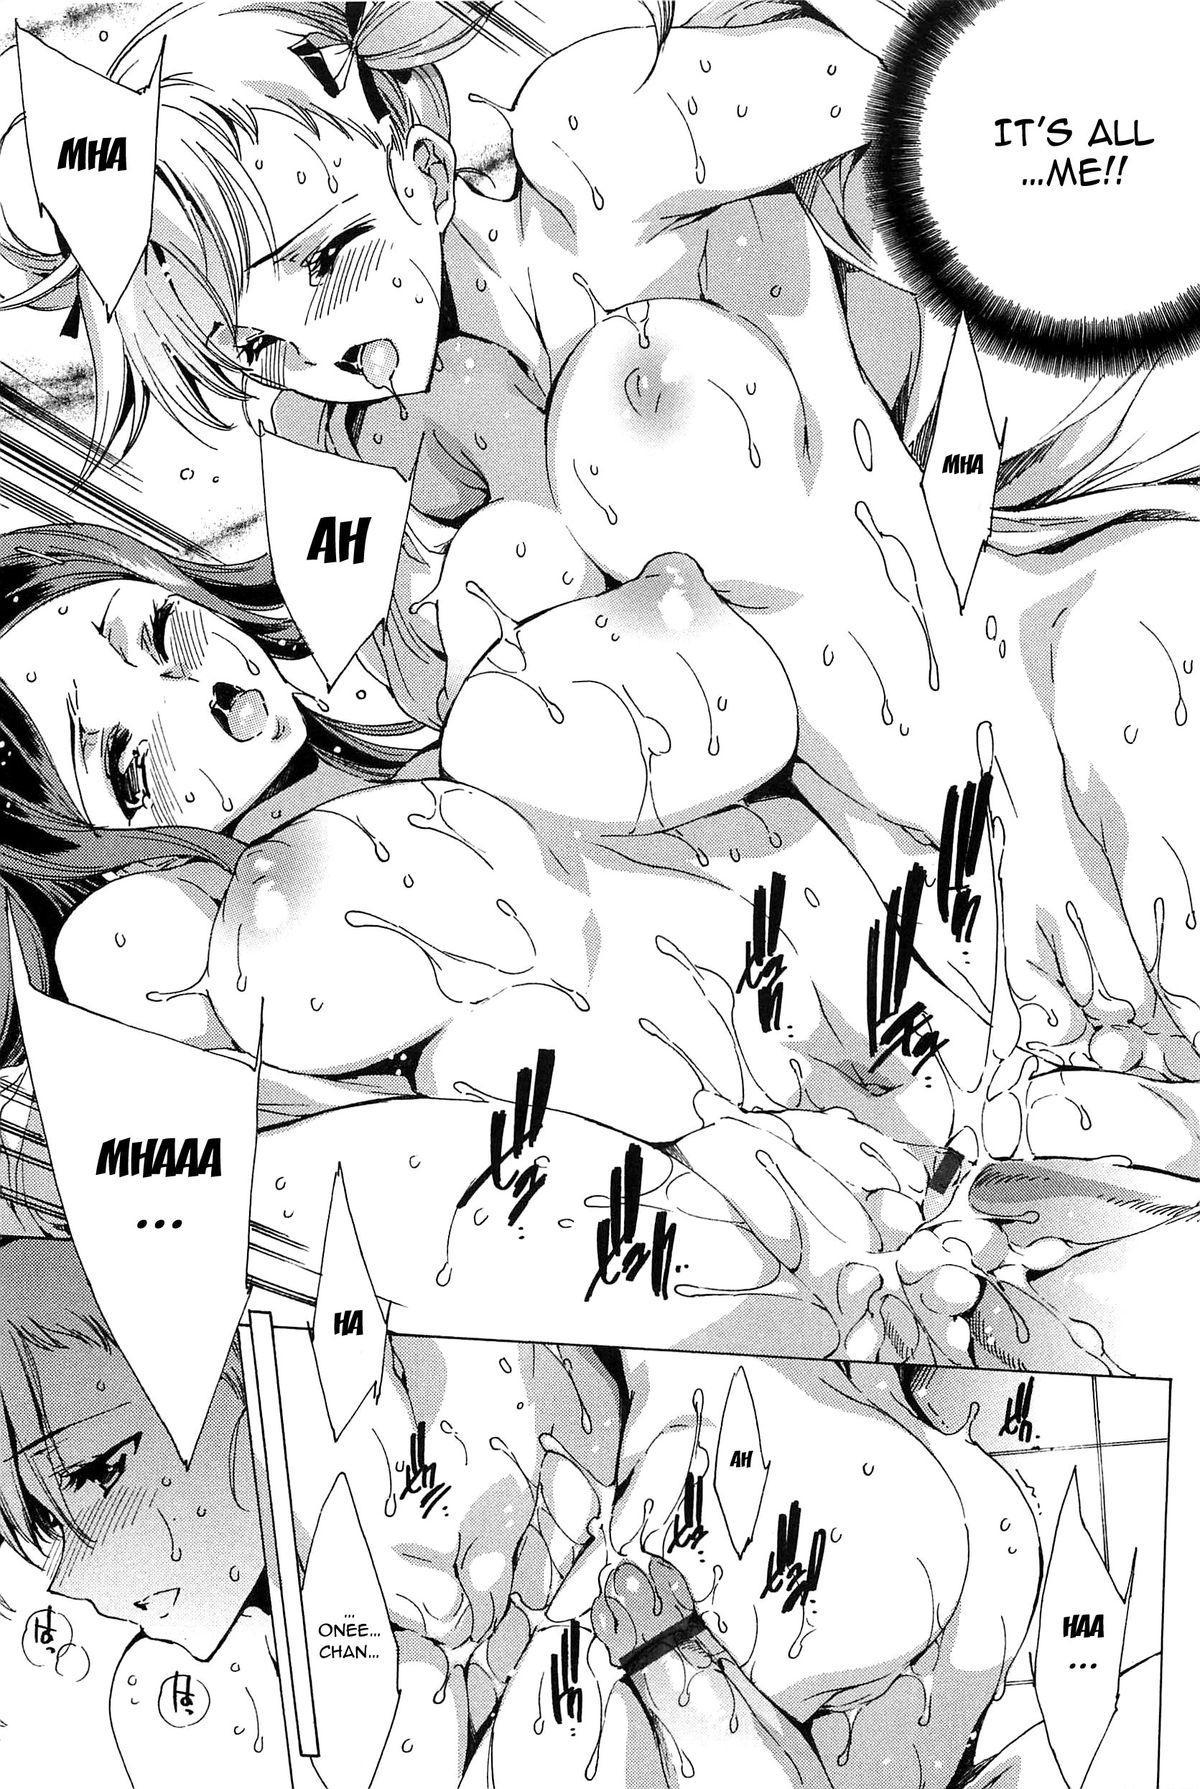 [Yuiga Naoha] Nikuyoku Rensa - NTR Kanojo   Chains of Lust - NTR Girlfriend [English] {doujin-moe.us} 160